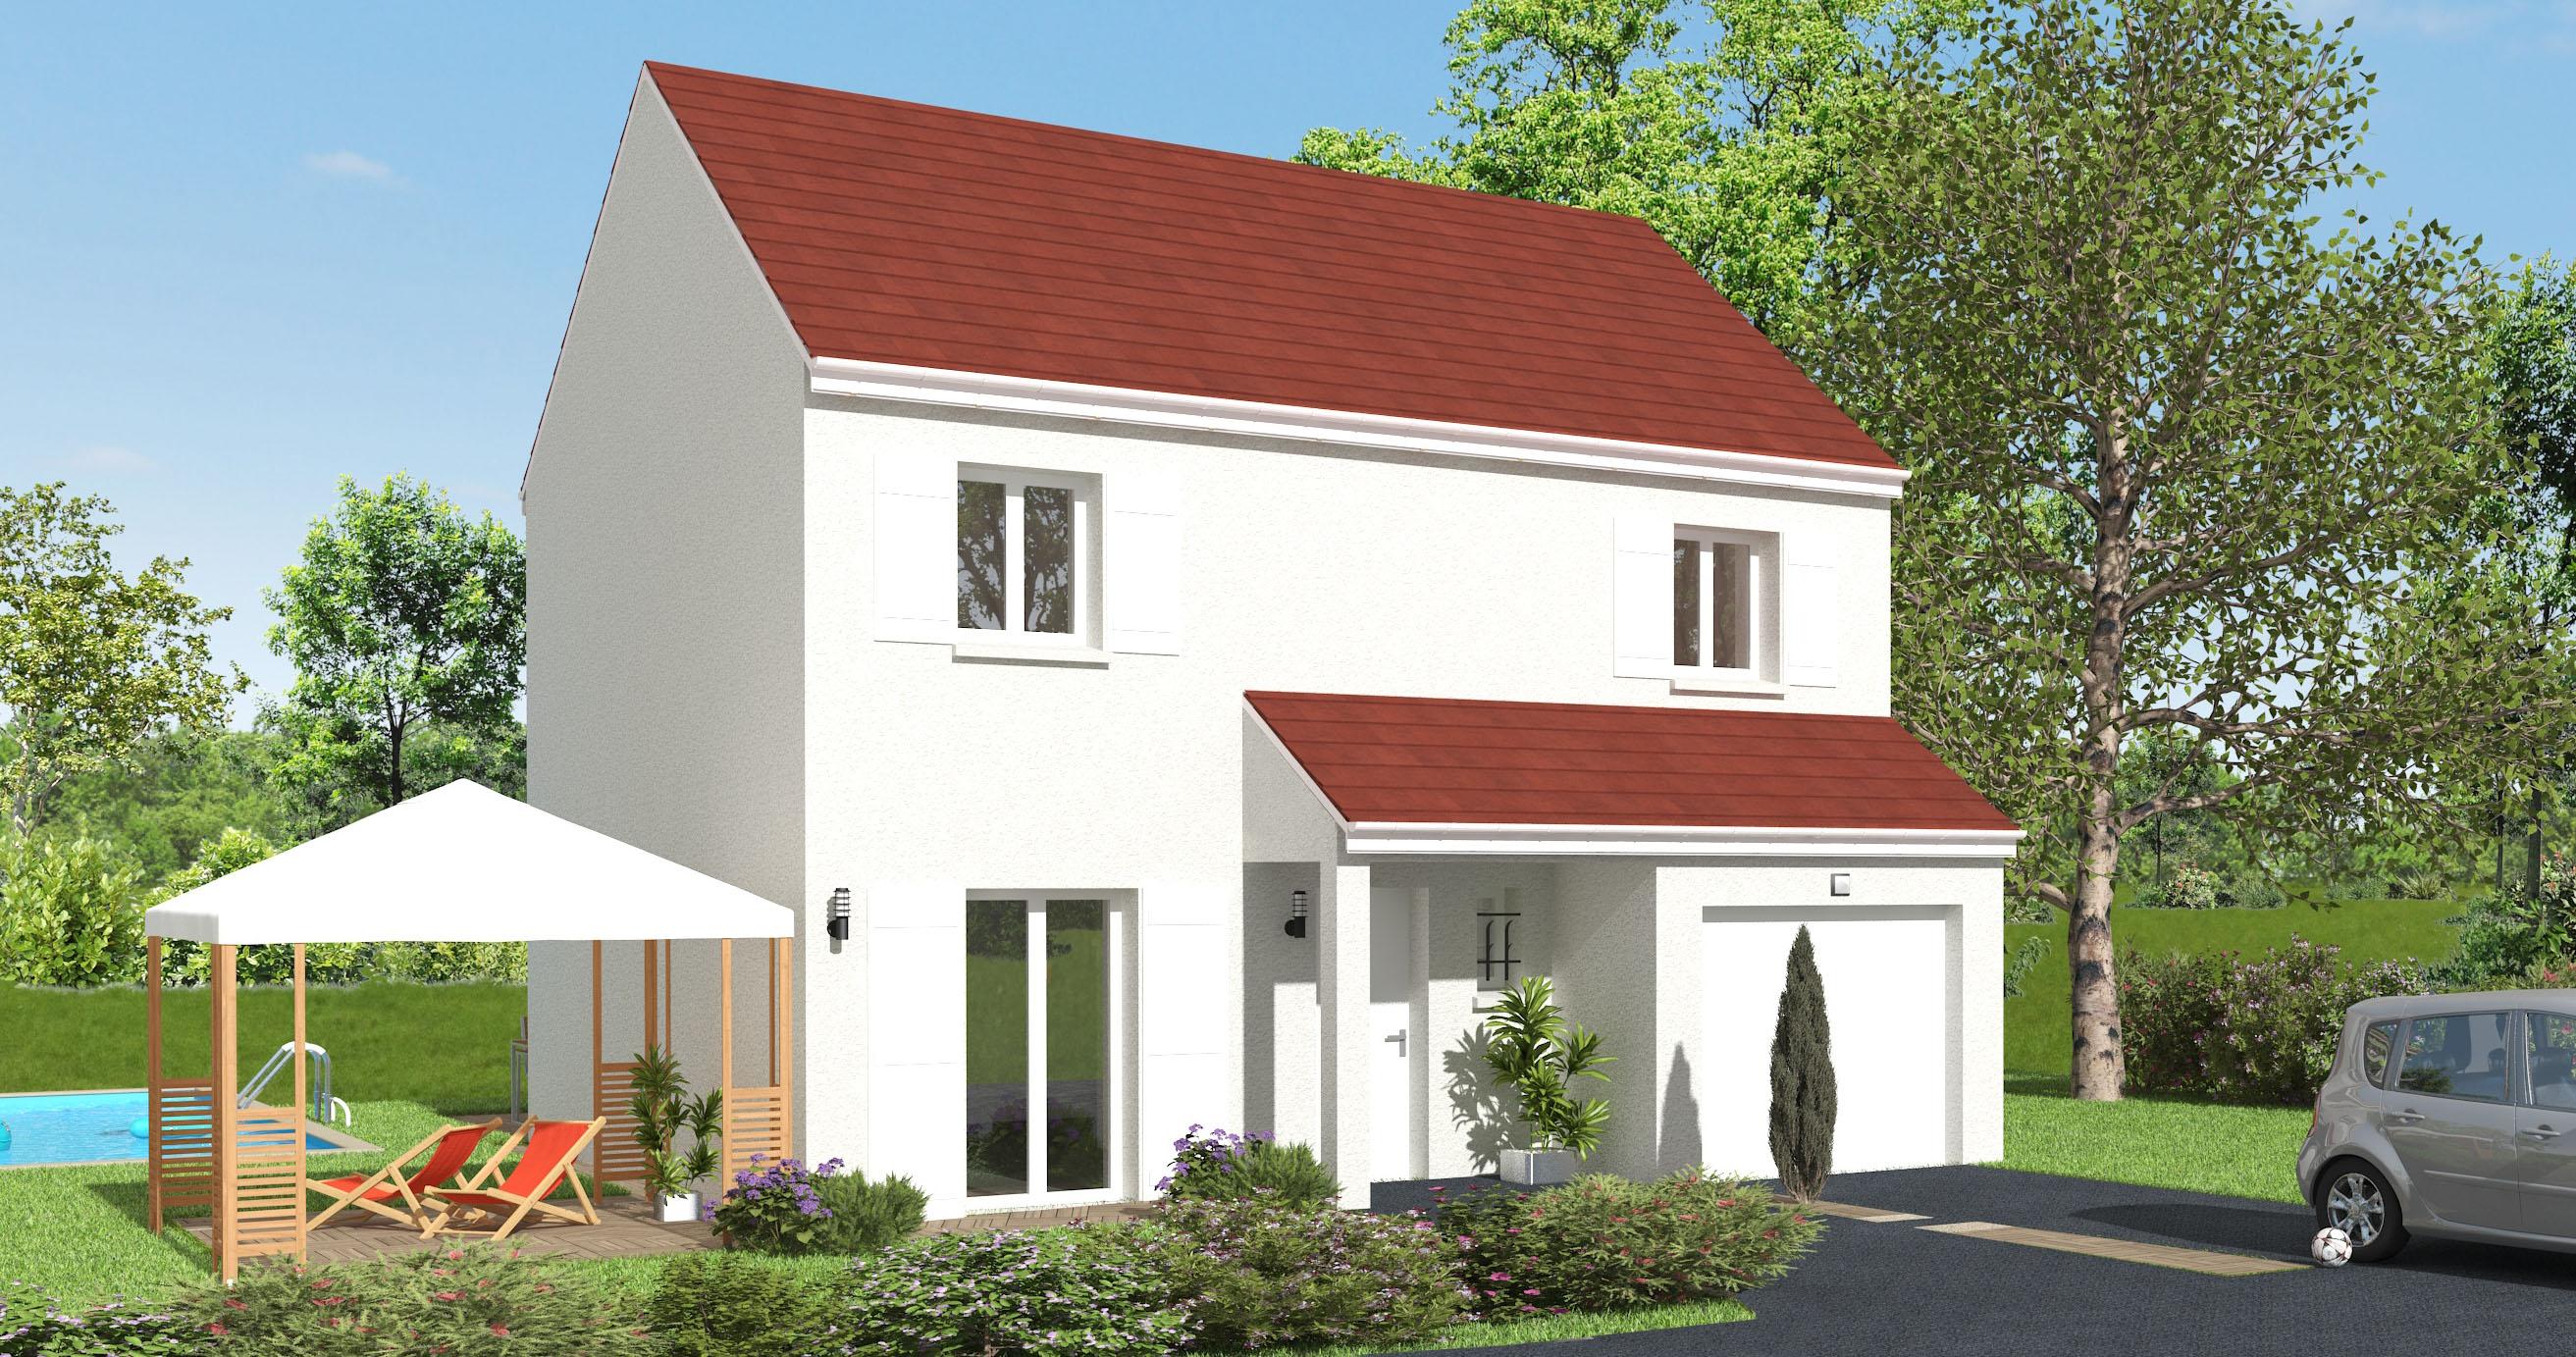 Maisons + Terrains du constructeur MAISON 7 SENS • 92 m² • BOISSETTES